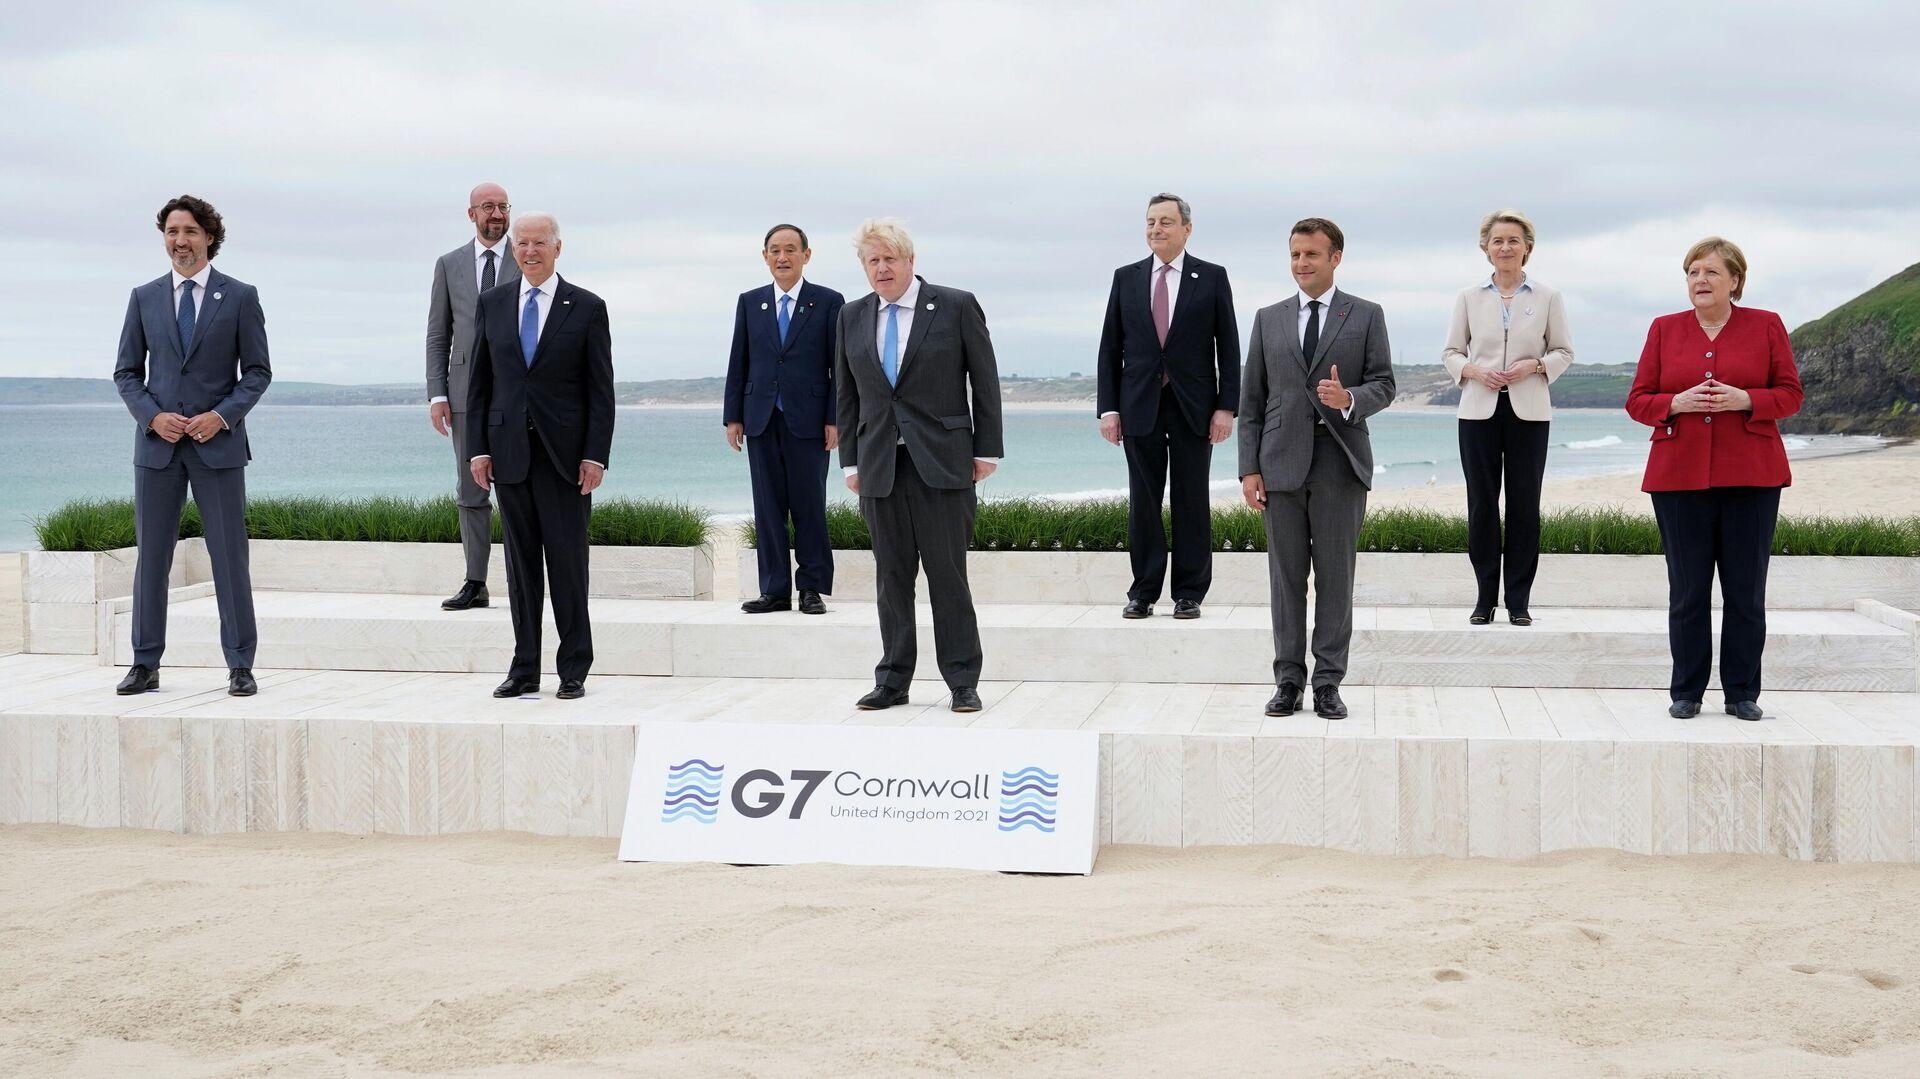 La cumbre del G7 en el Reino Unido - Sputnik Mundo, 1920, 12.06.2021